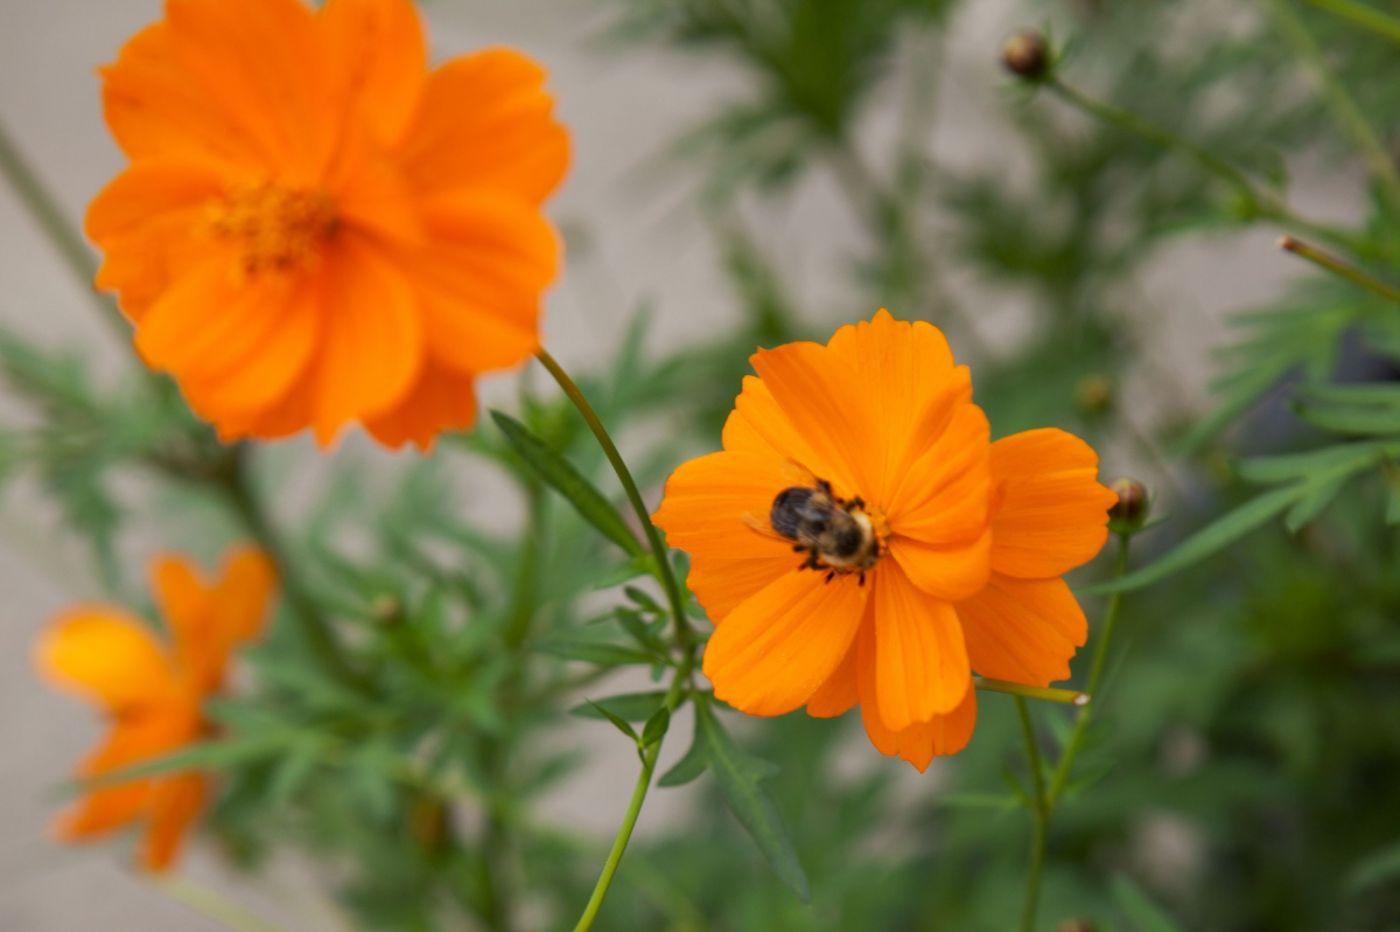 蜂在花丛中_图1-4